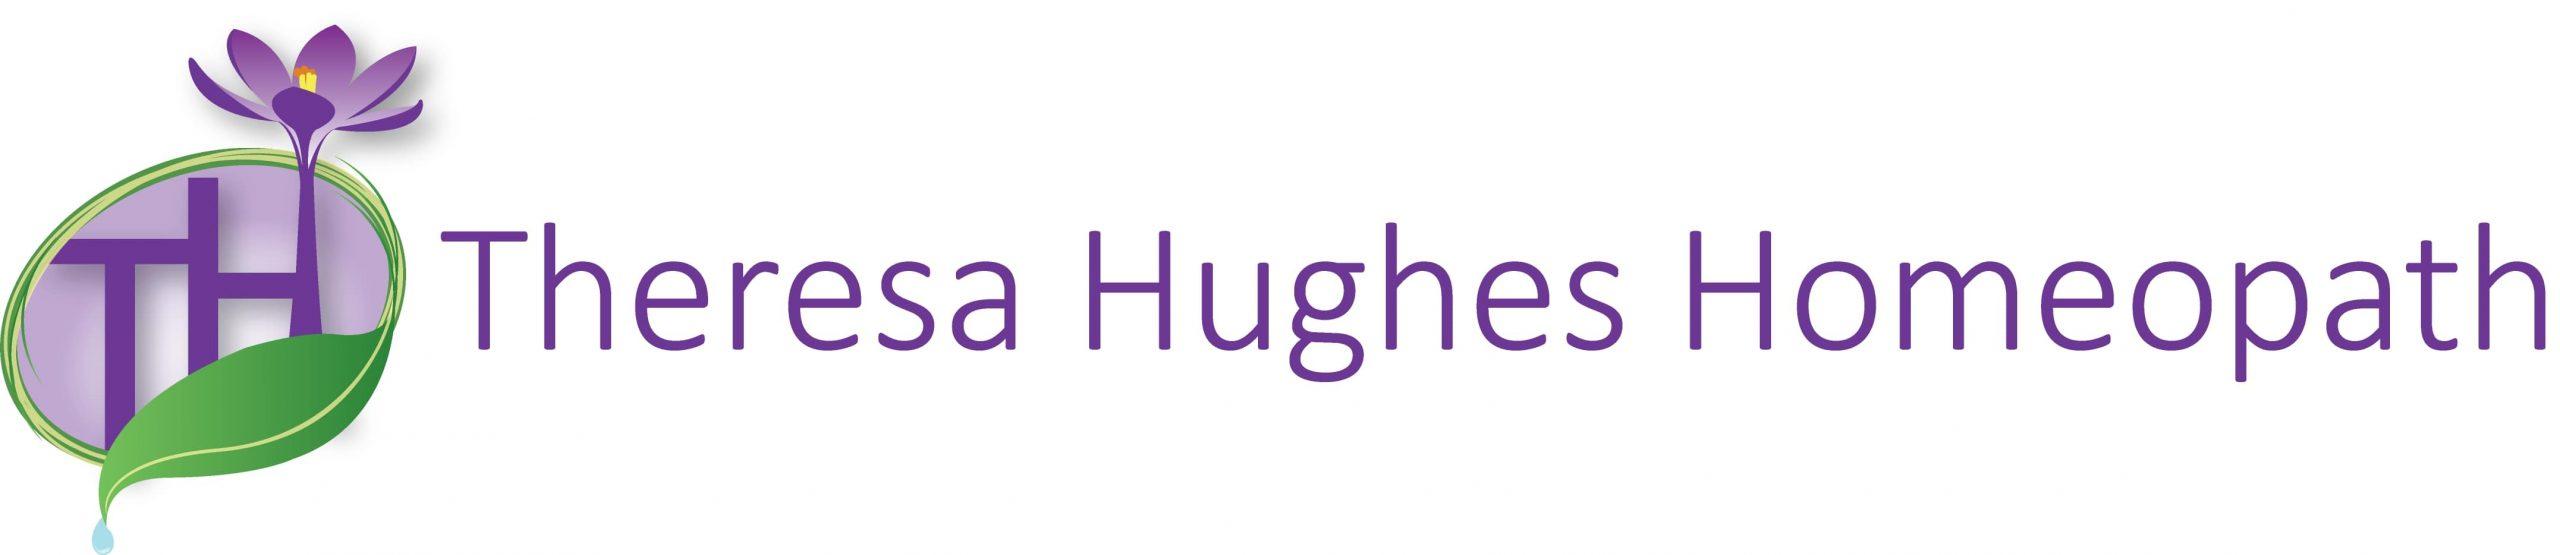 Theresa Hughes Homeopathy